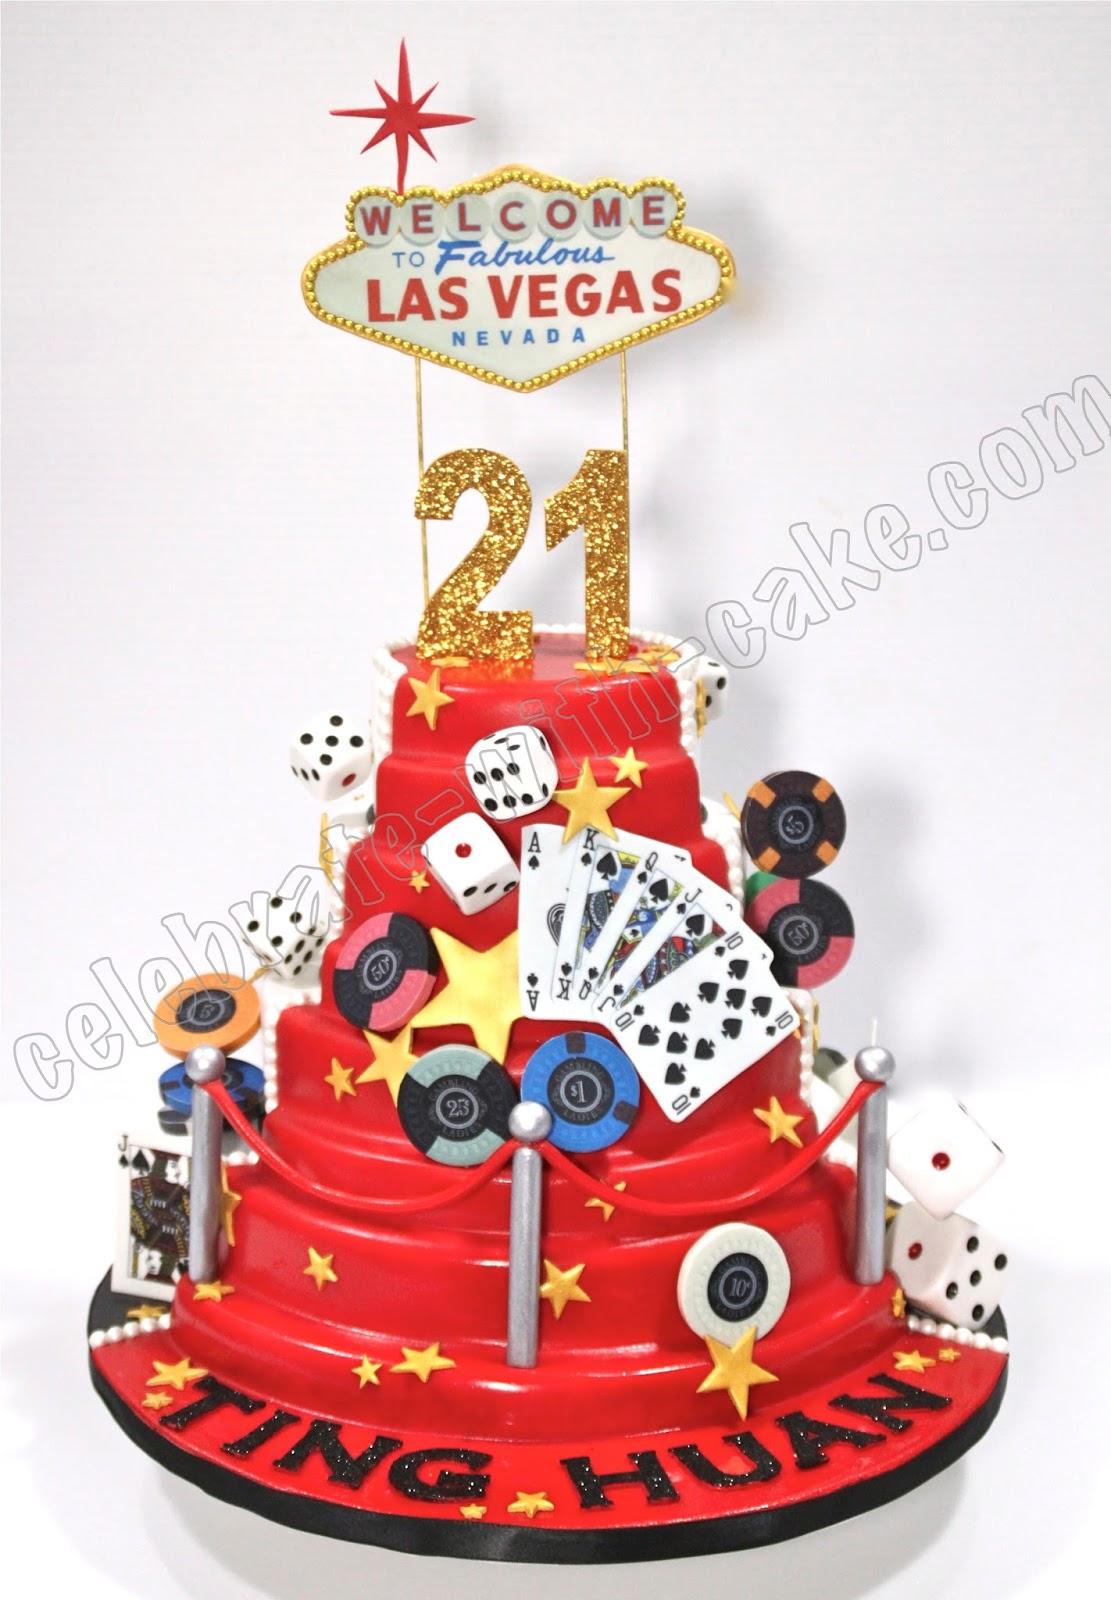 Celebrate with Cake!: 21st Birthday Las Vegas Casino ...